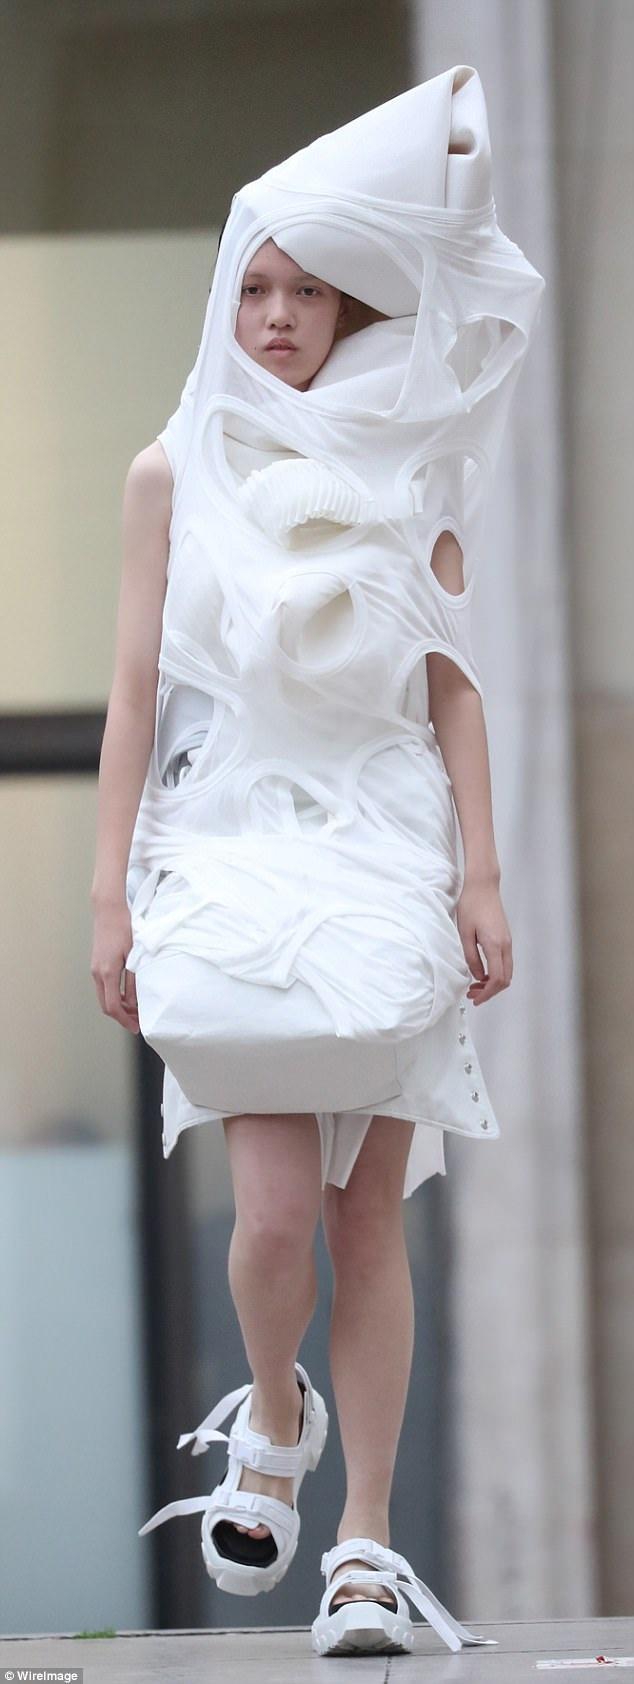 Các người mẫu trình diễn bên cạnh một đài phun nước. Các bộ trang phục họ trình diễn được ví như những tấm nệm chằng lại bằng ga trải giường đục lỗ.